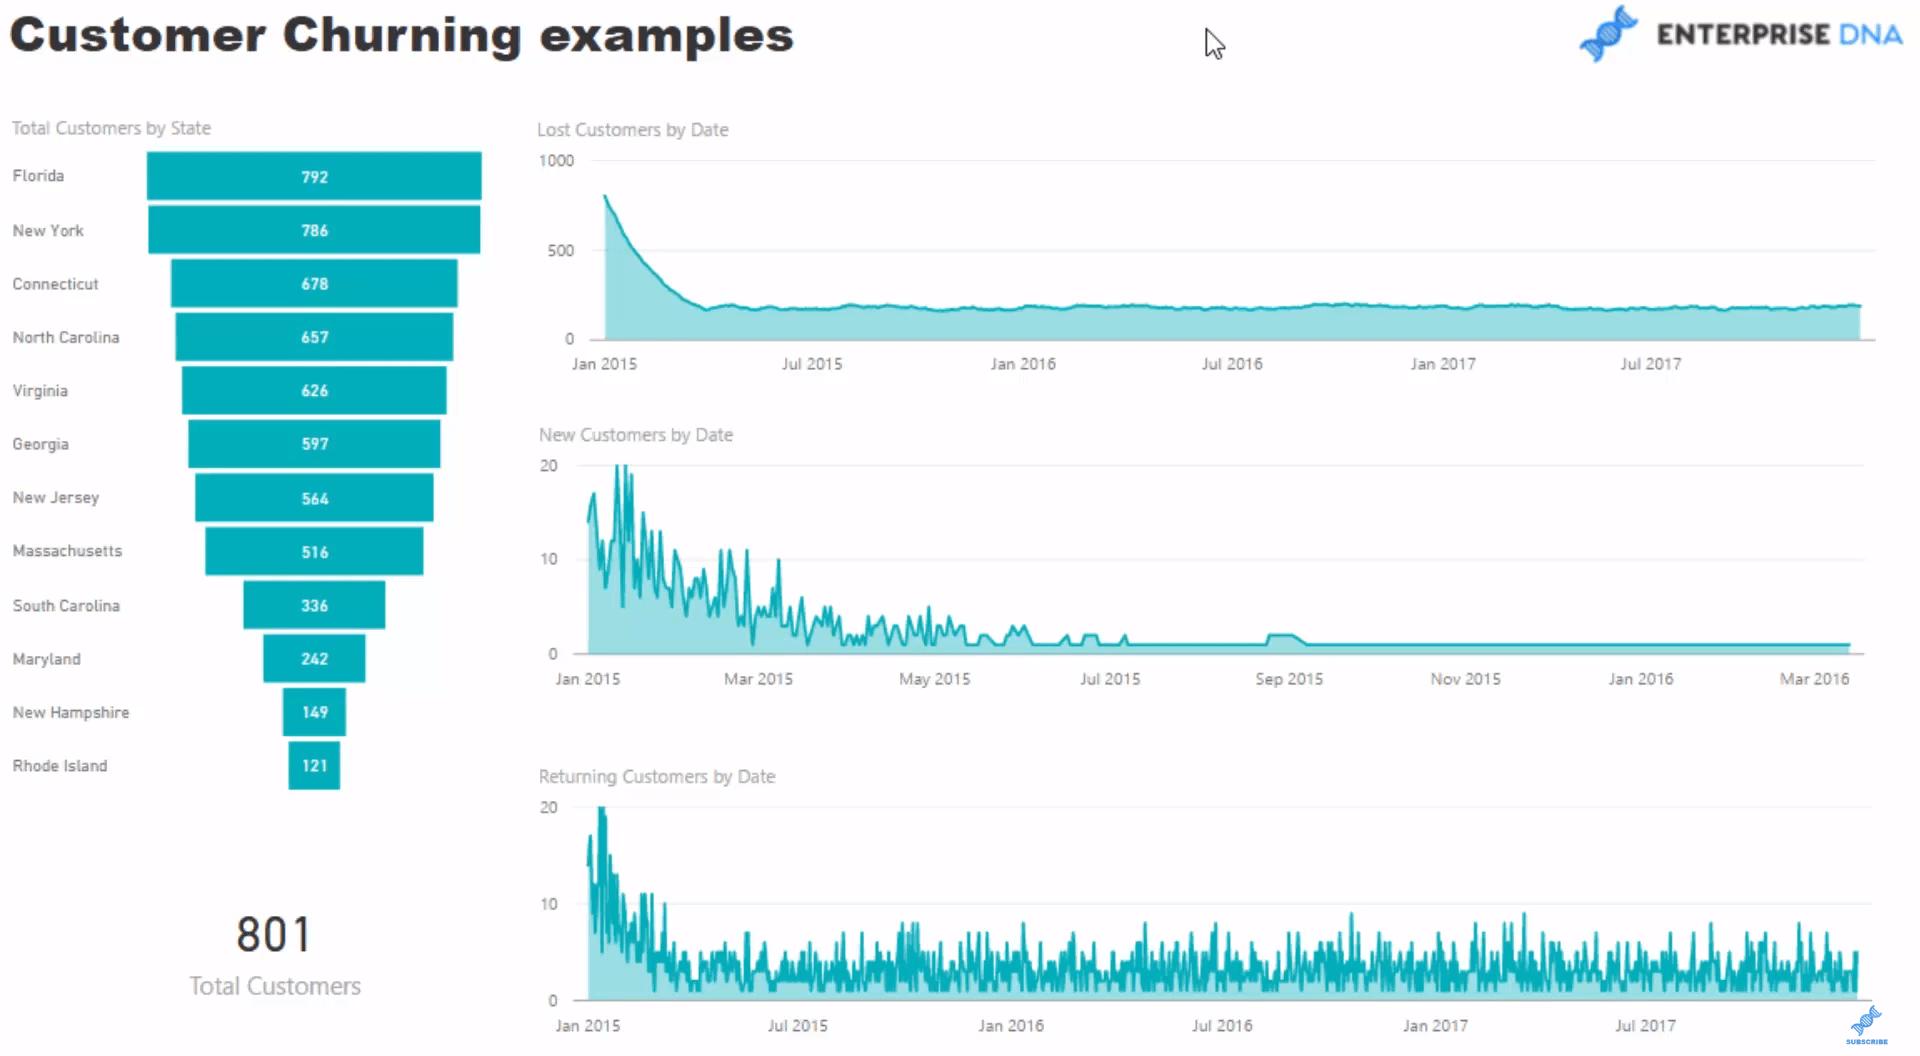 Customer Churning Examples in Power BI using DAX